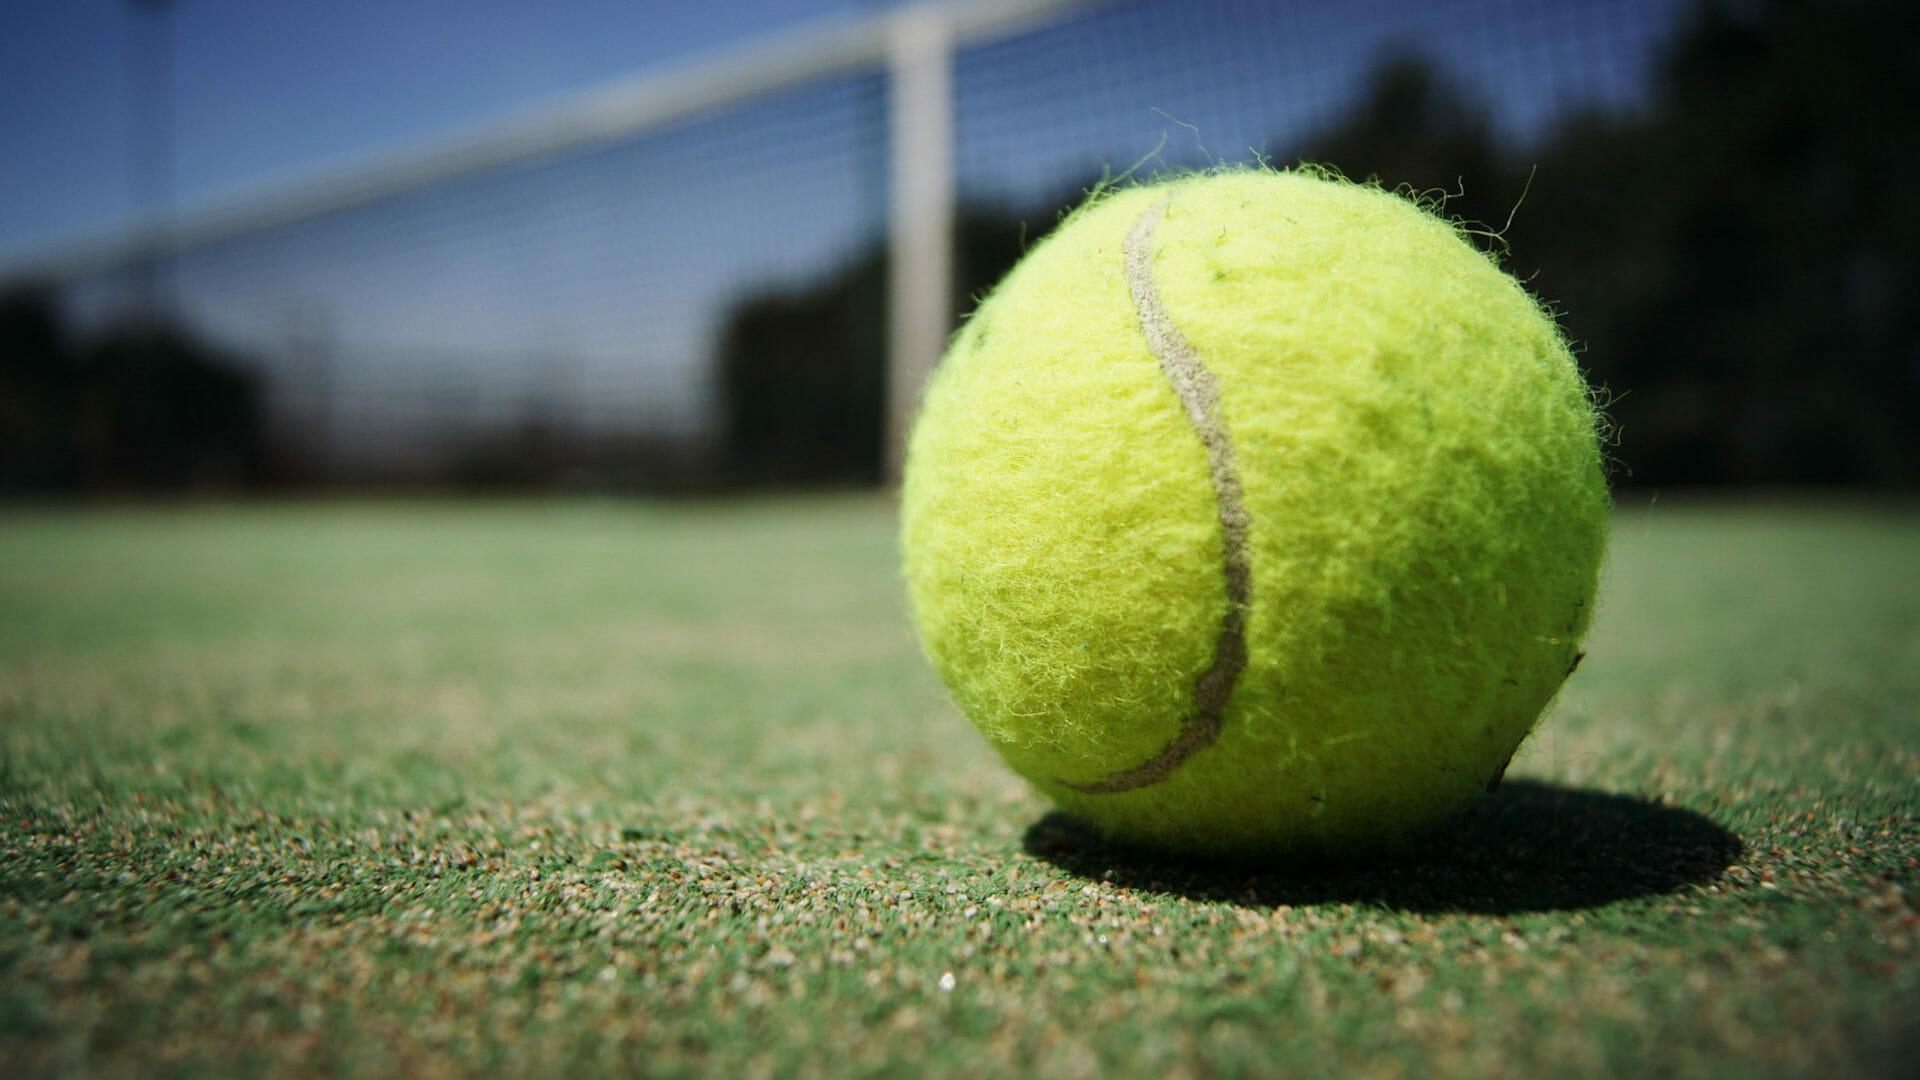 Beside Sport - Comment sont fabriquées les balles de tennis? -